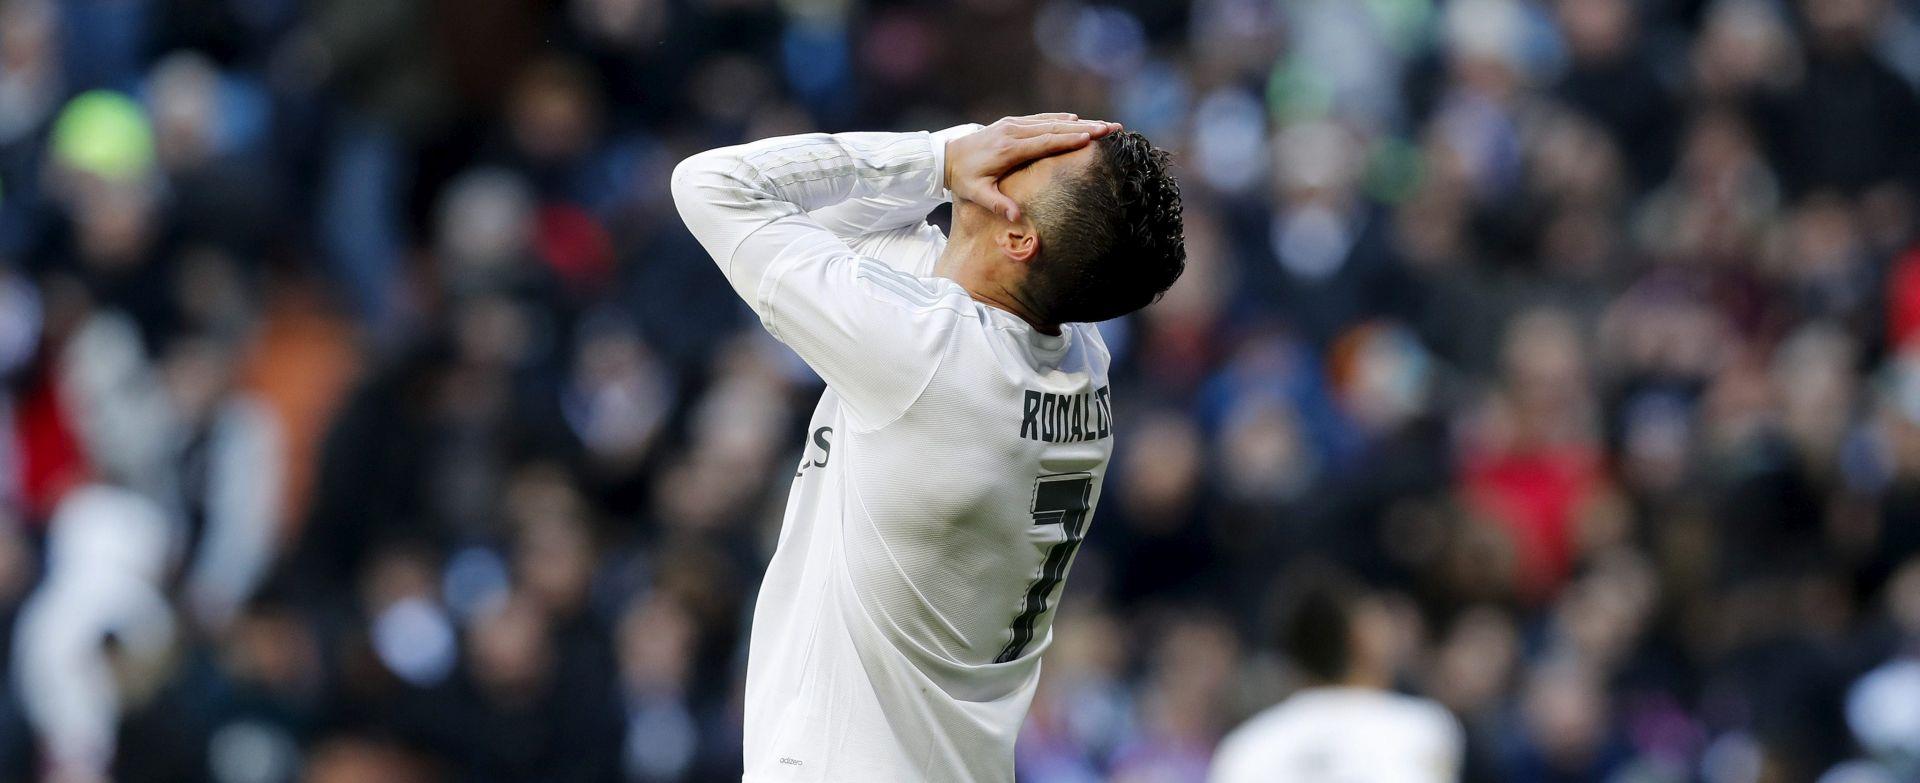 Ronaldo nakon poraza od Atletica prvo 'udario' po suigračima, pa pokušao ublažiti štetu